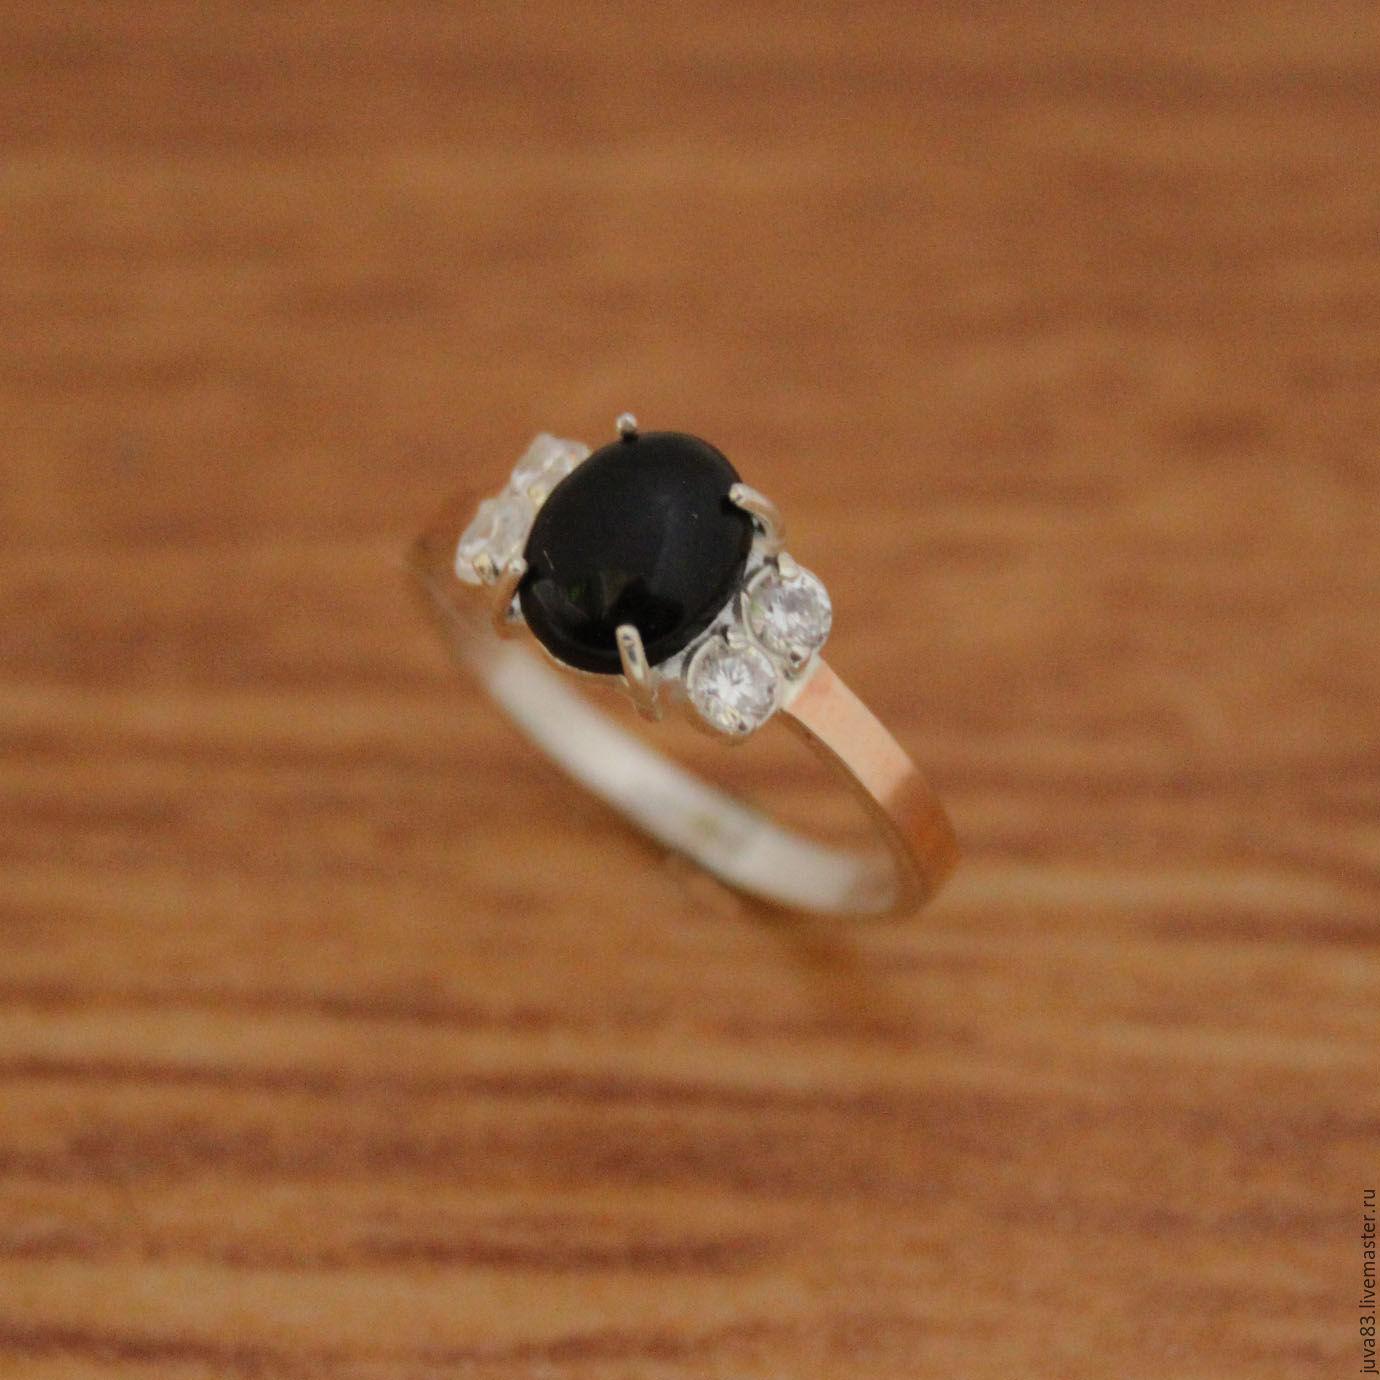 Кольца ручной работы. Ярмарка Мастеров - ручная работа. Купить Серебряное кольцо Пассия, с золотыми накладками, серебро 925. Handmade.